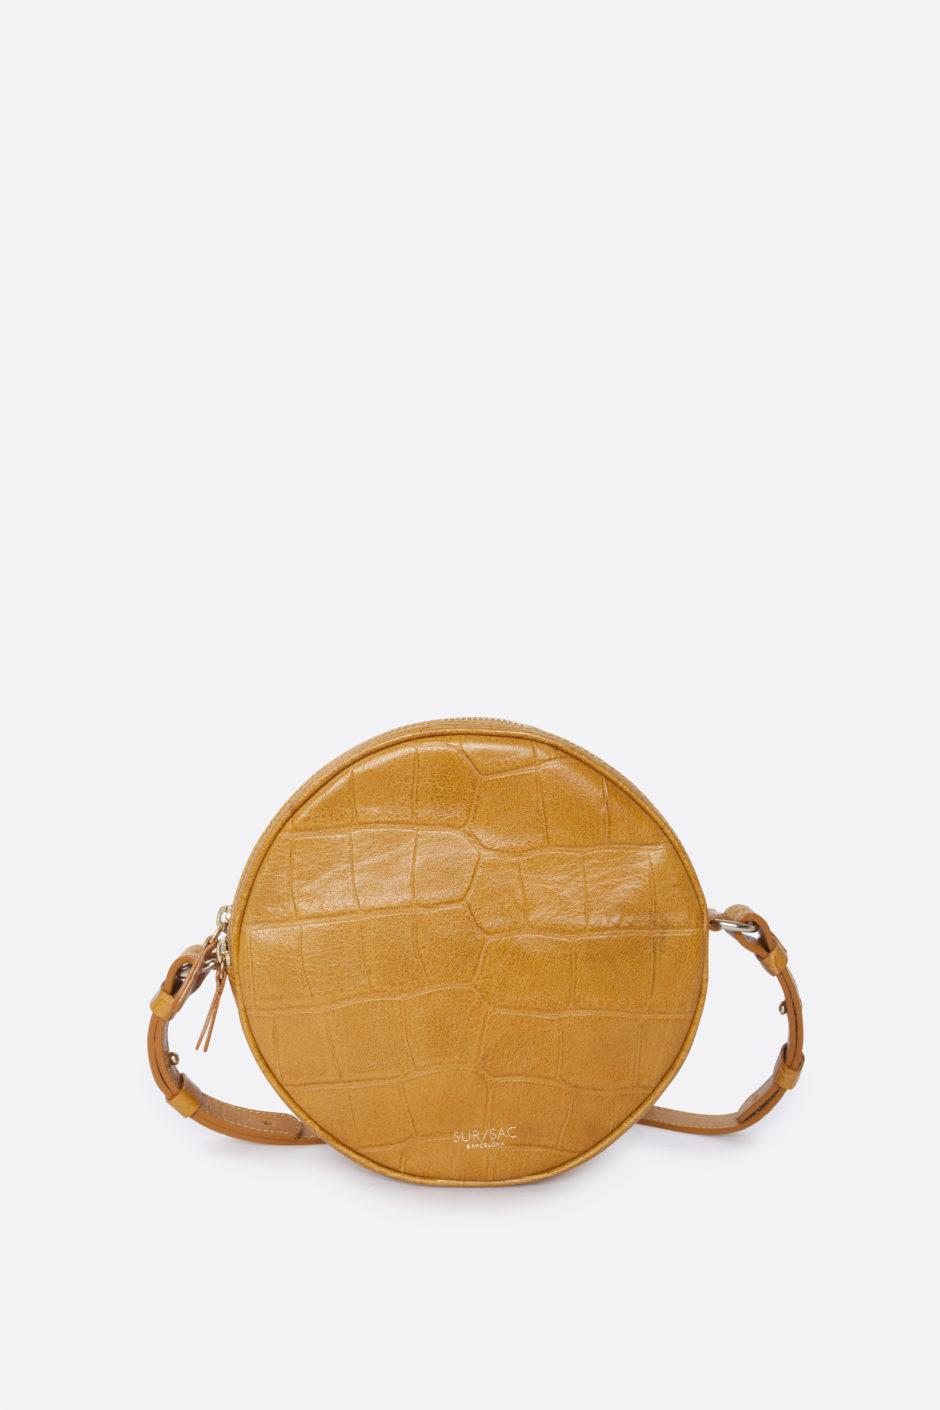 Bolso bandolera circular en piel mostaza, de Sur Sac (de 245 a 208...